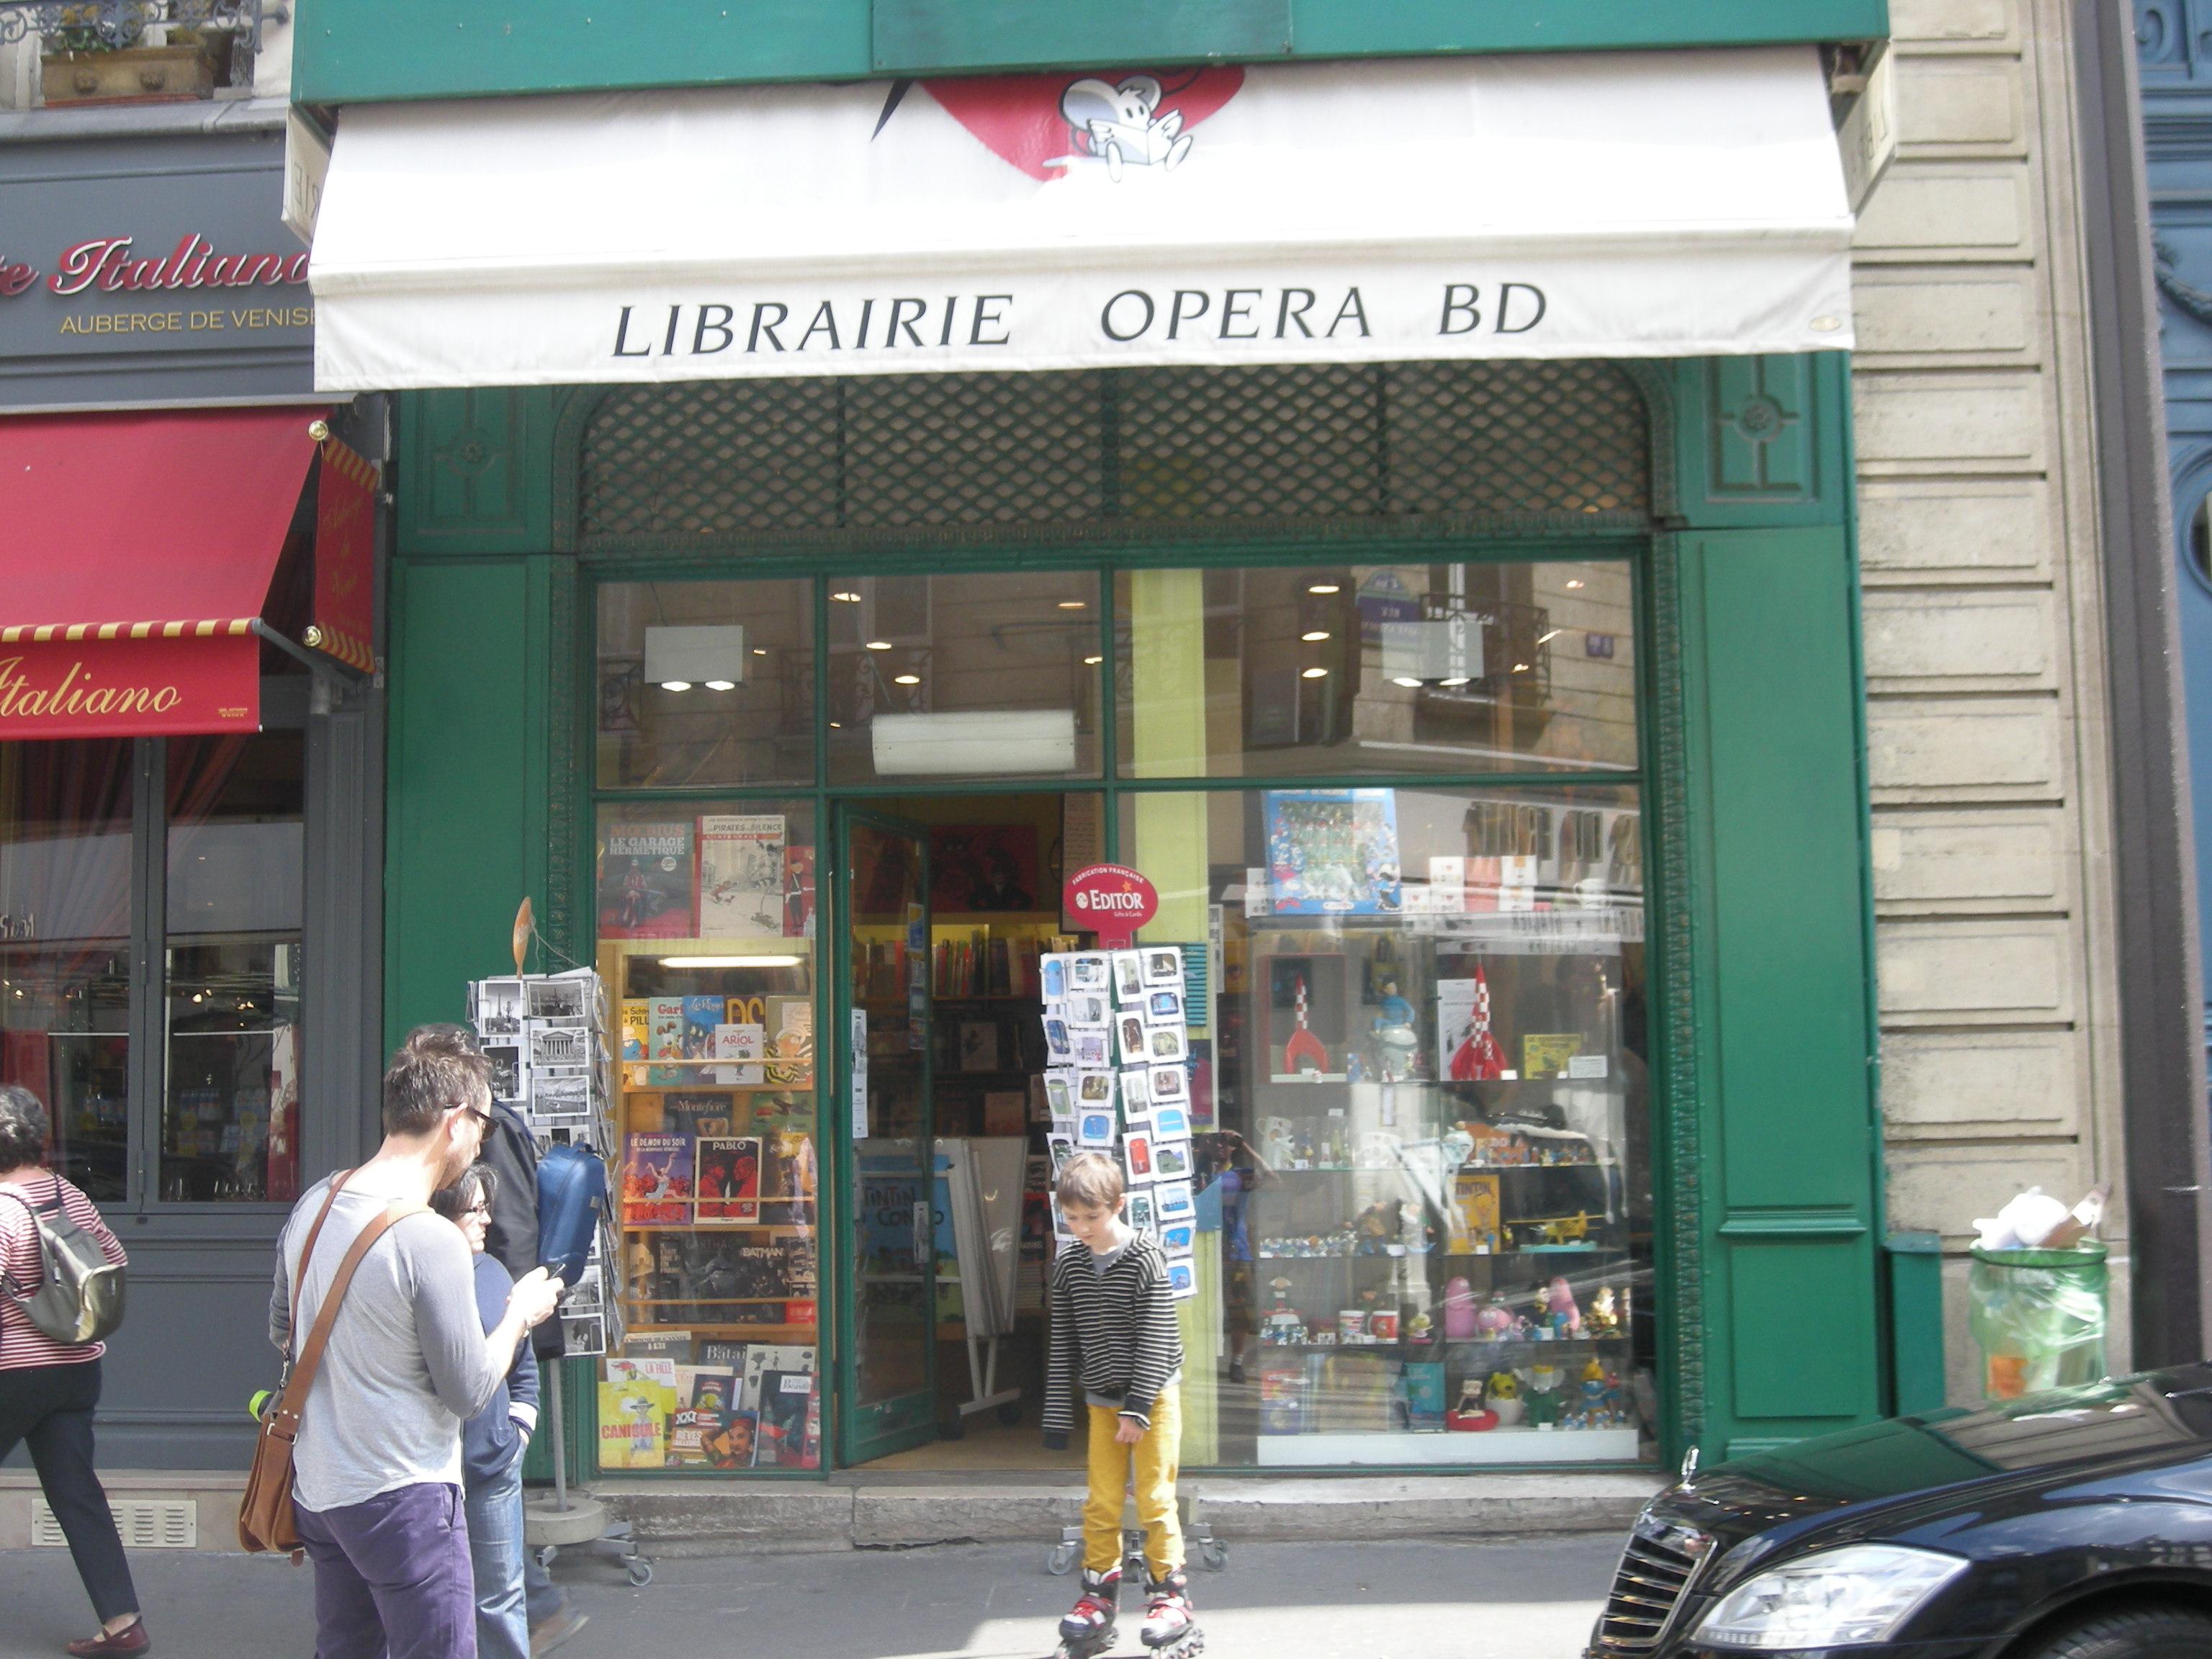 Opéra BD